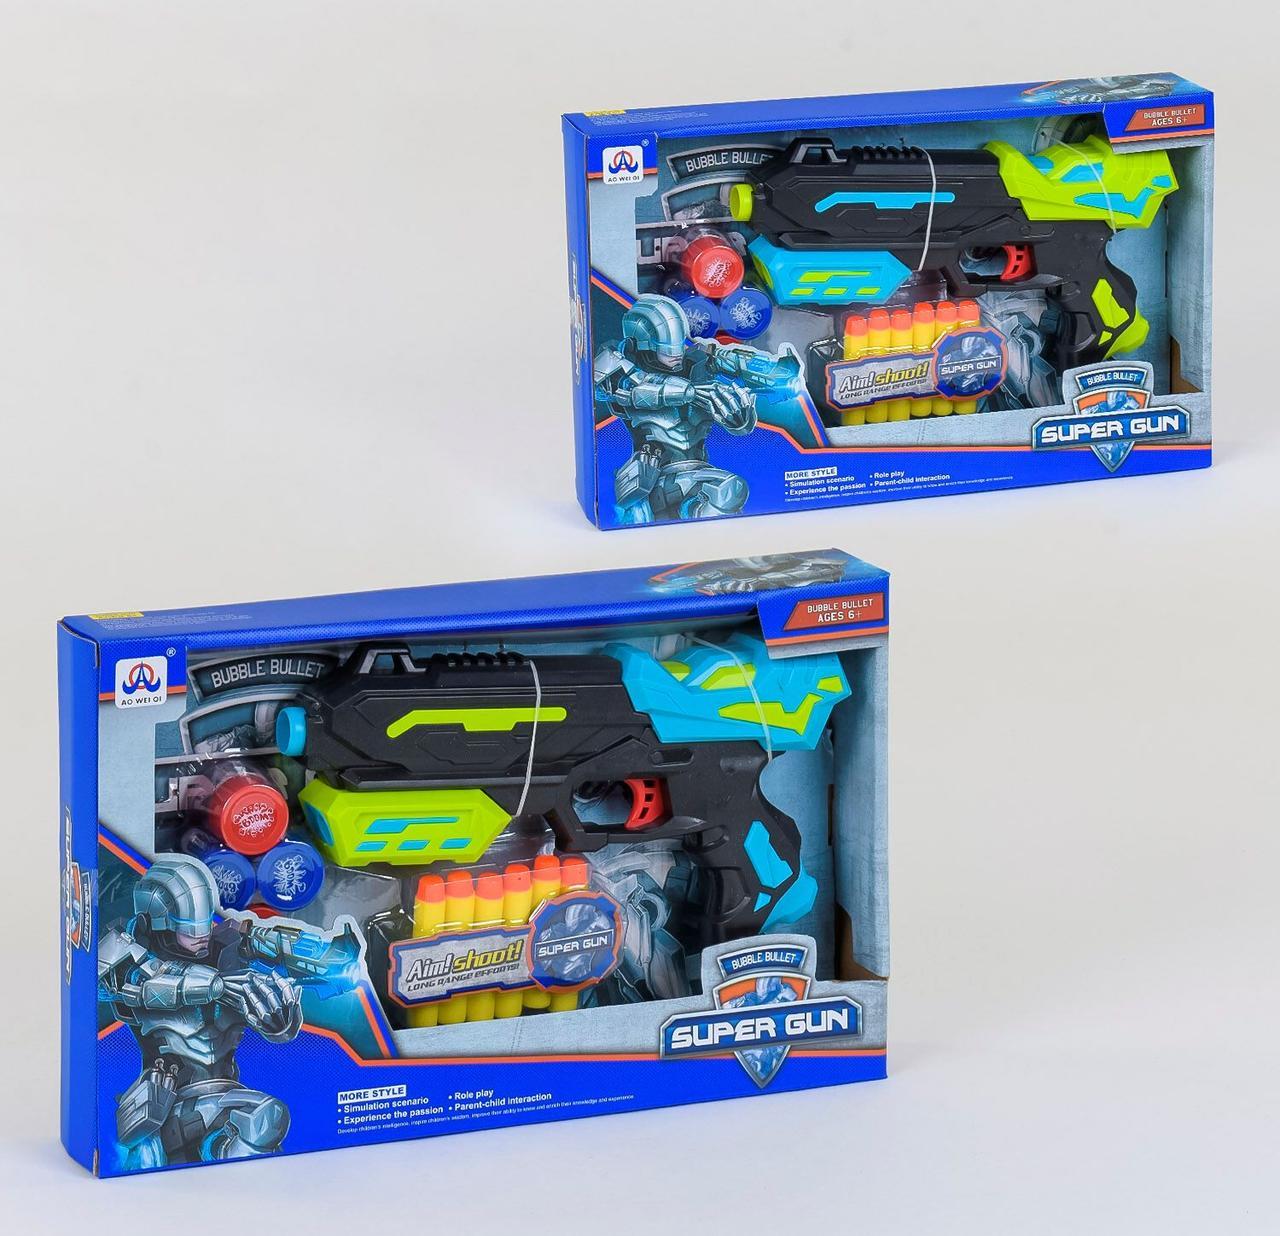 6001 А2 Пистолет бластер с мягкими пулями для детей в коробке